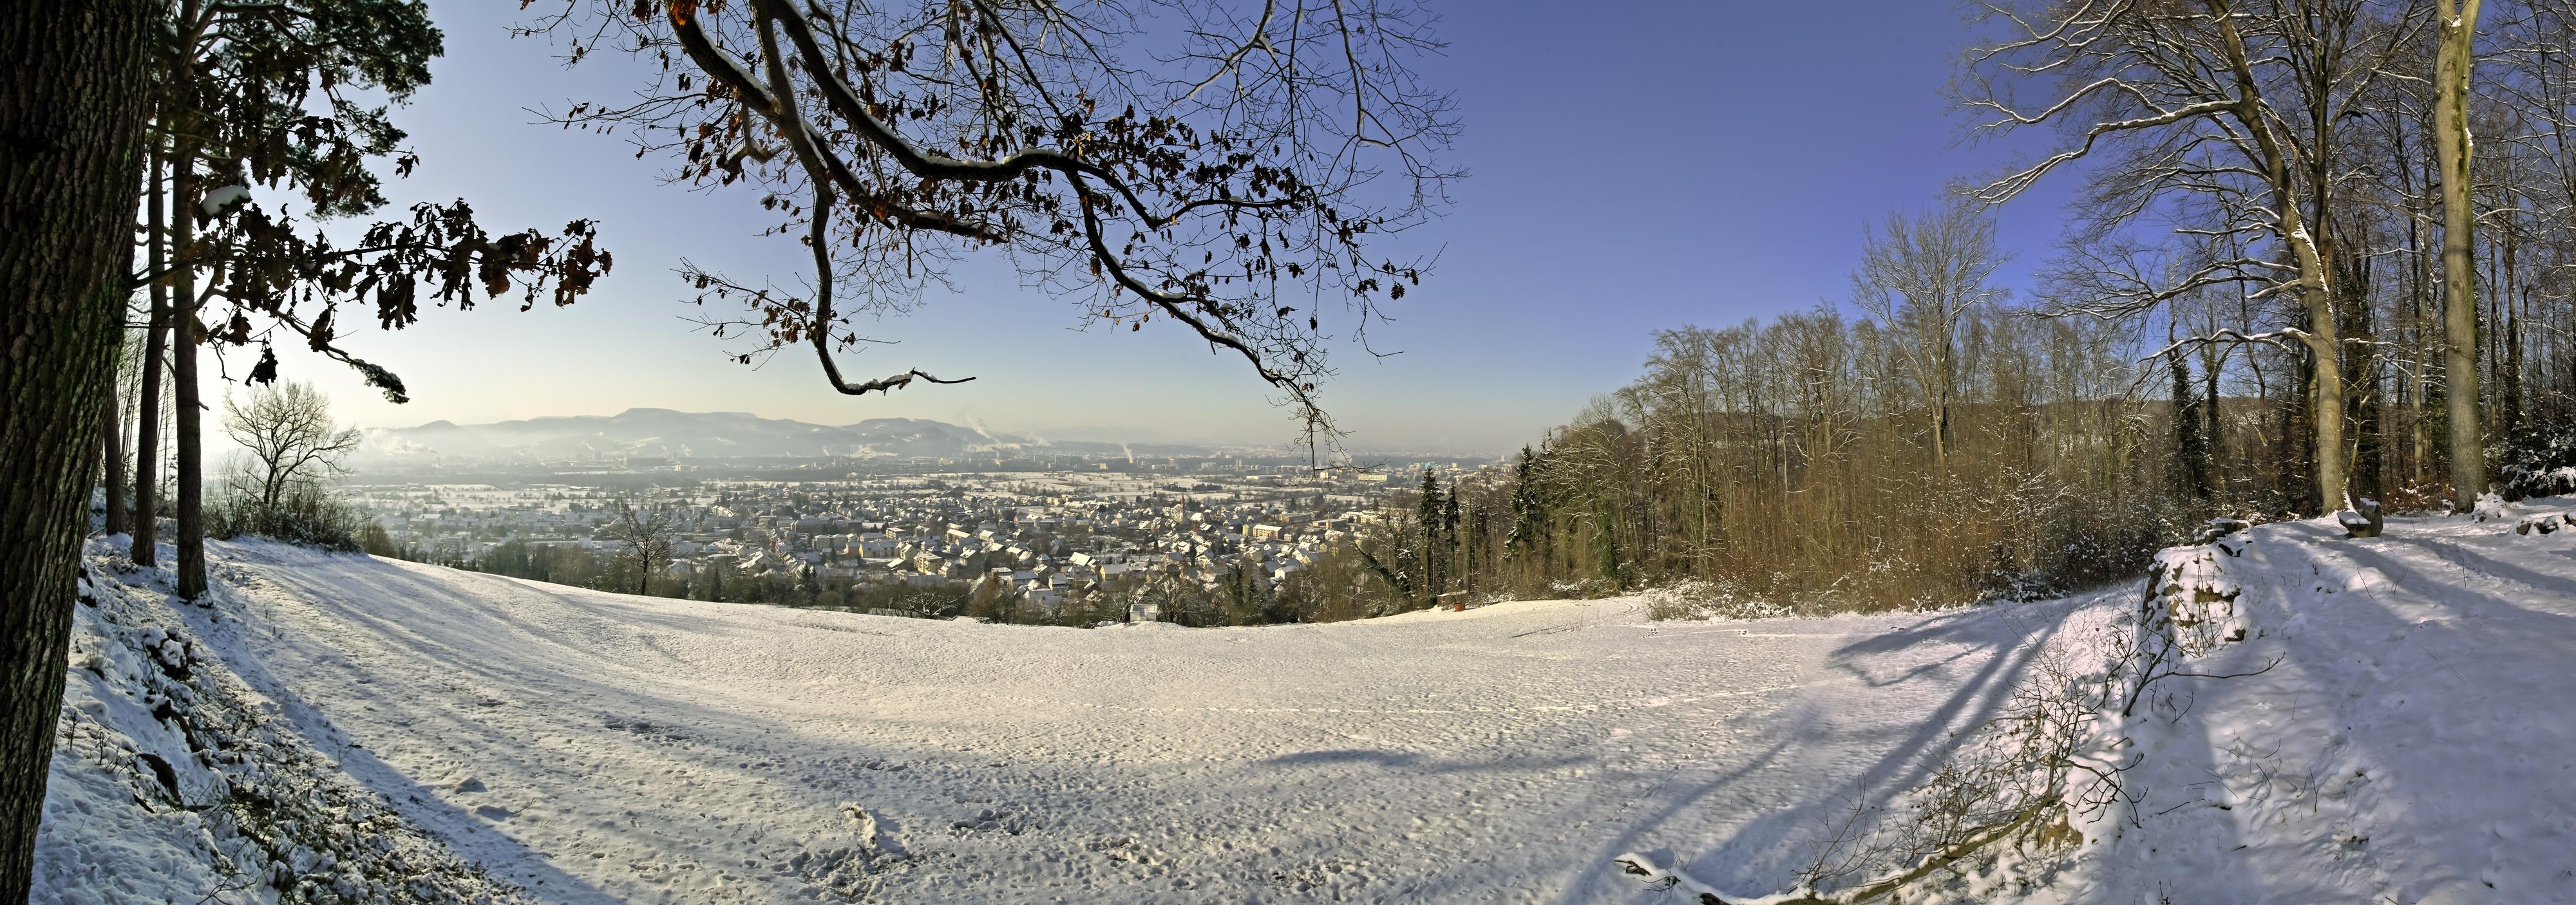 Grenzach-Wyhlen seen from Mühlerain